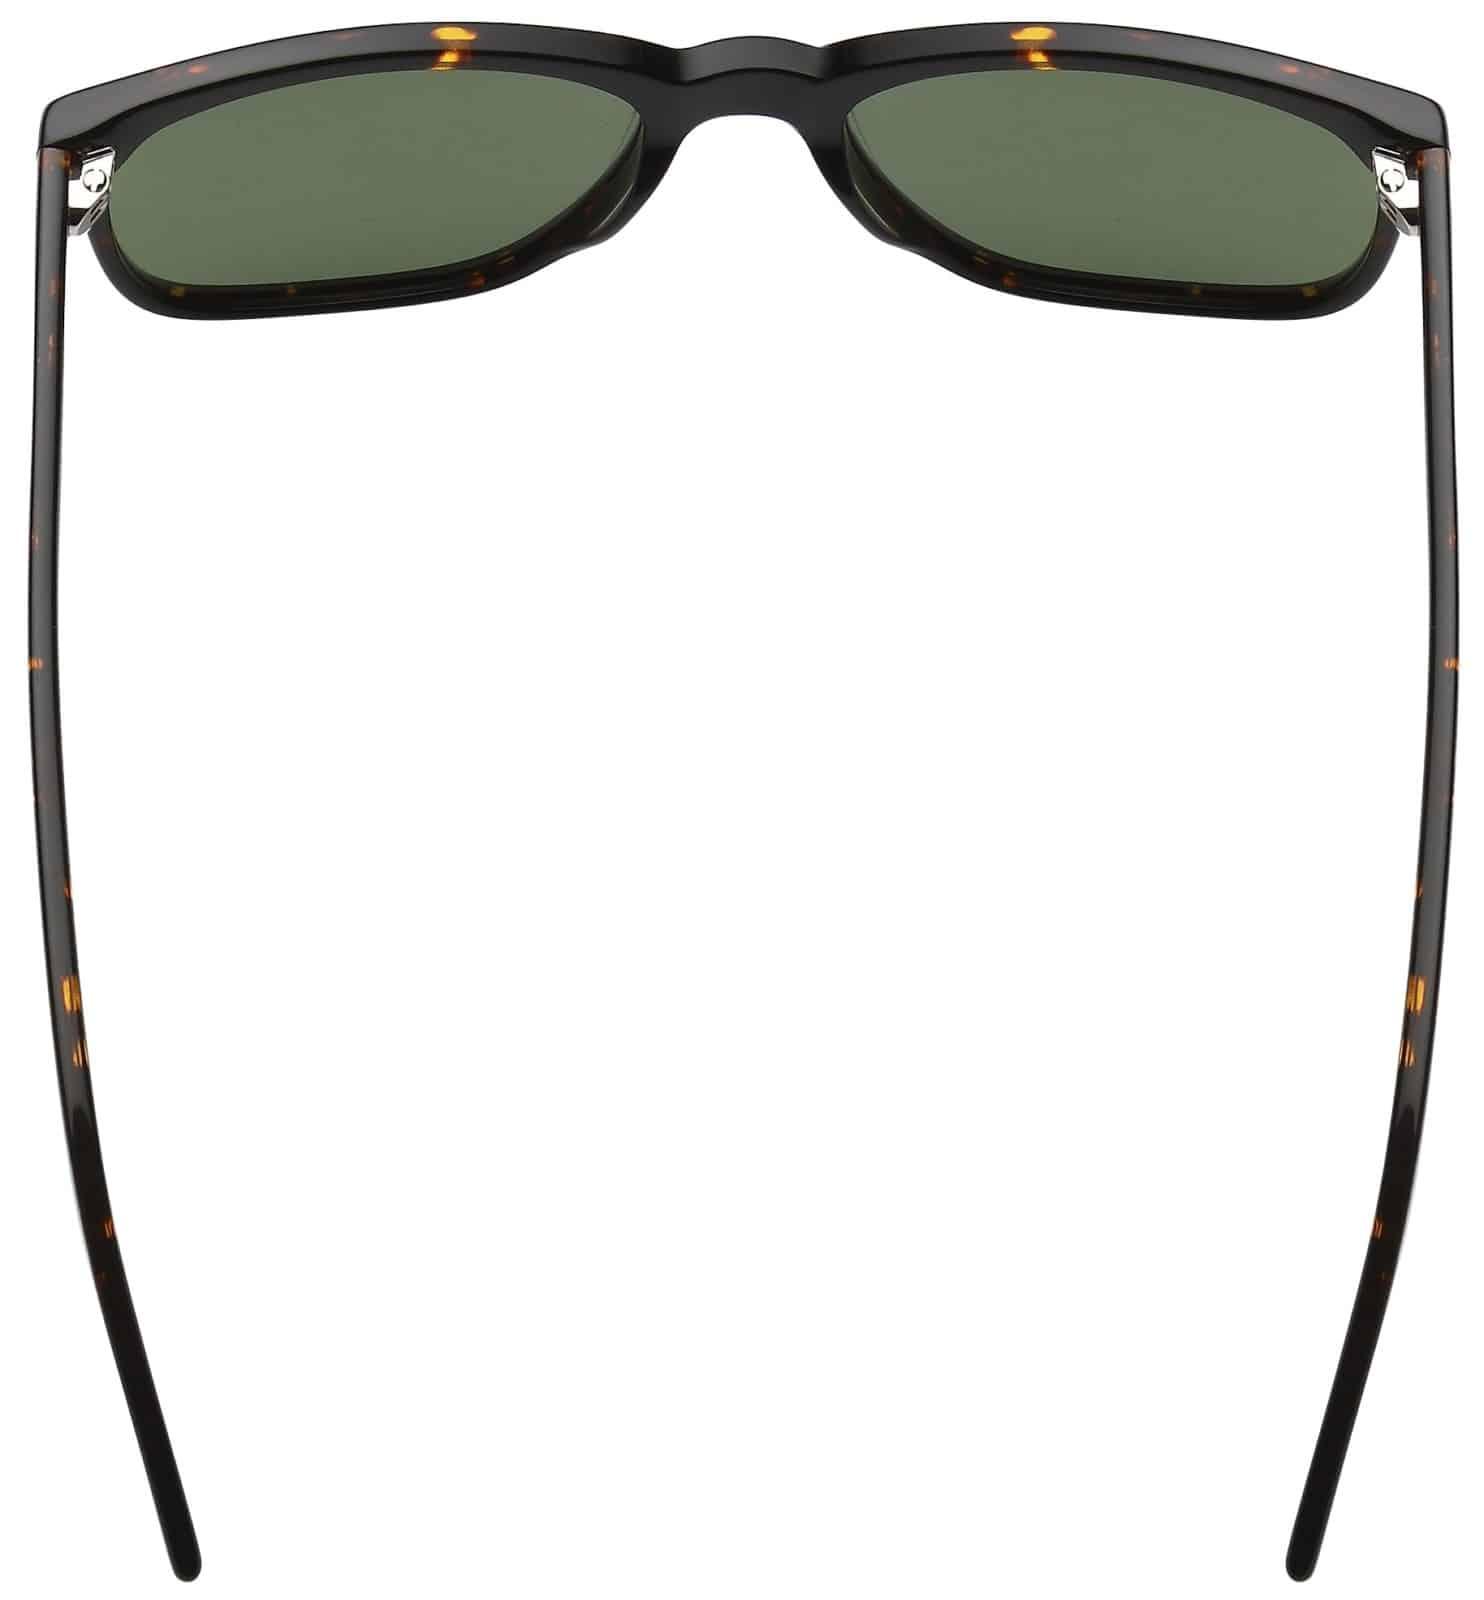 HIC Sunglasses